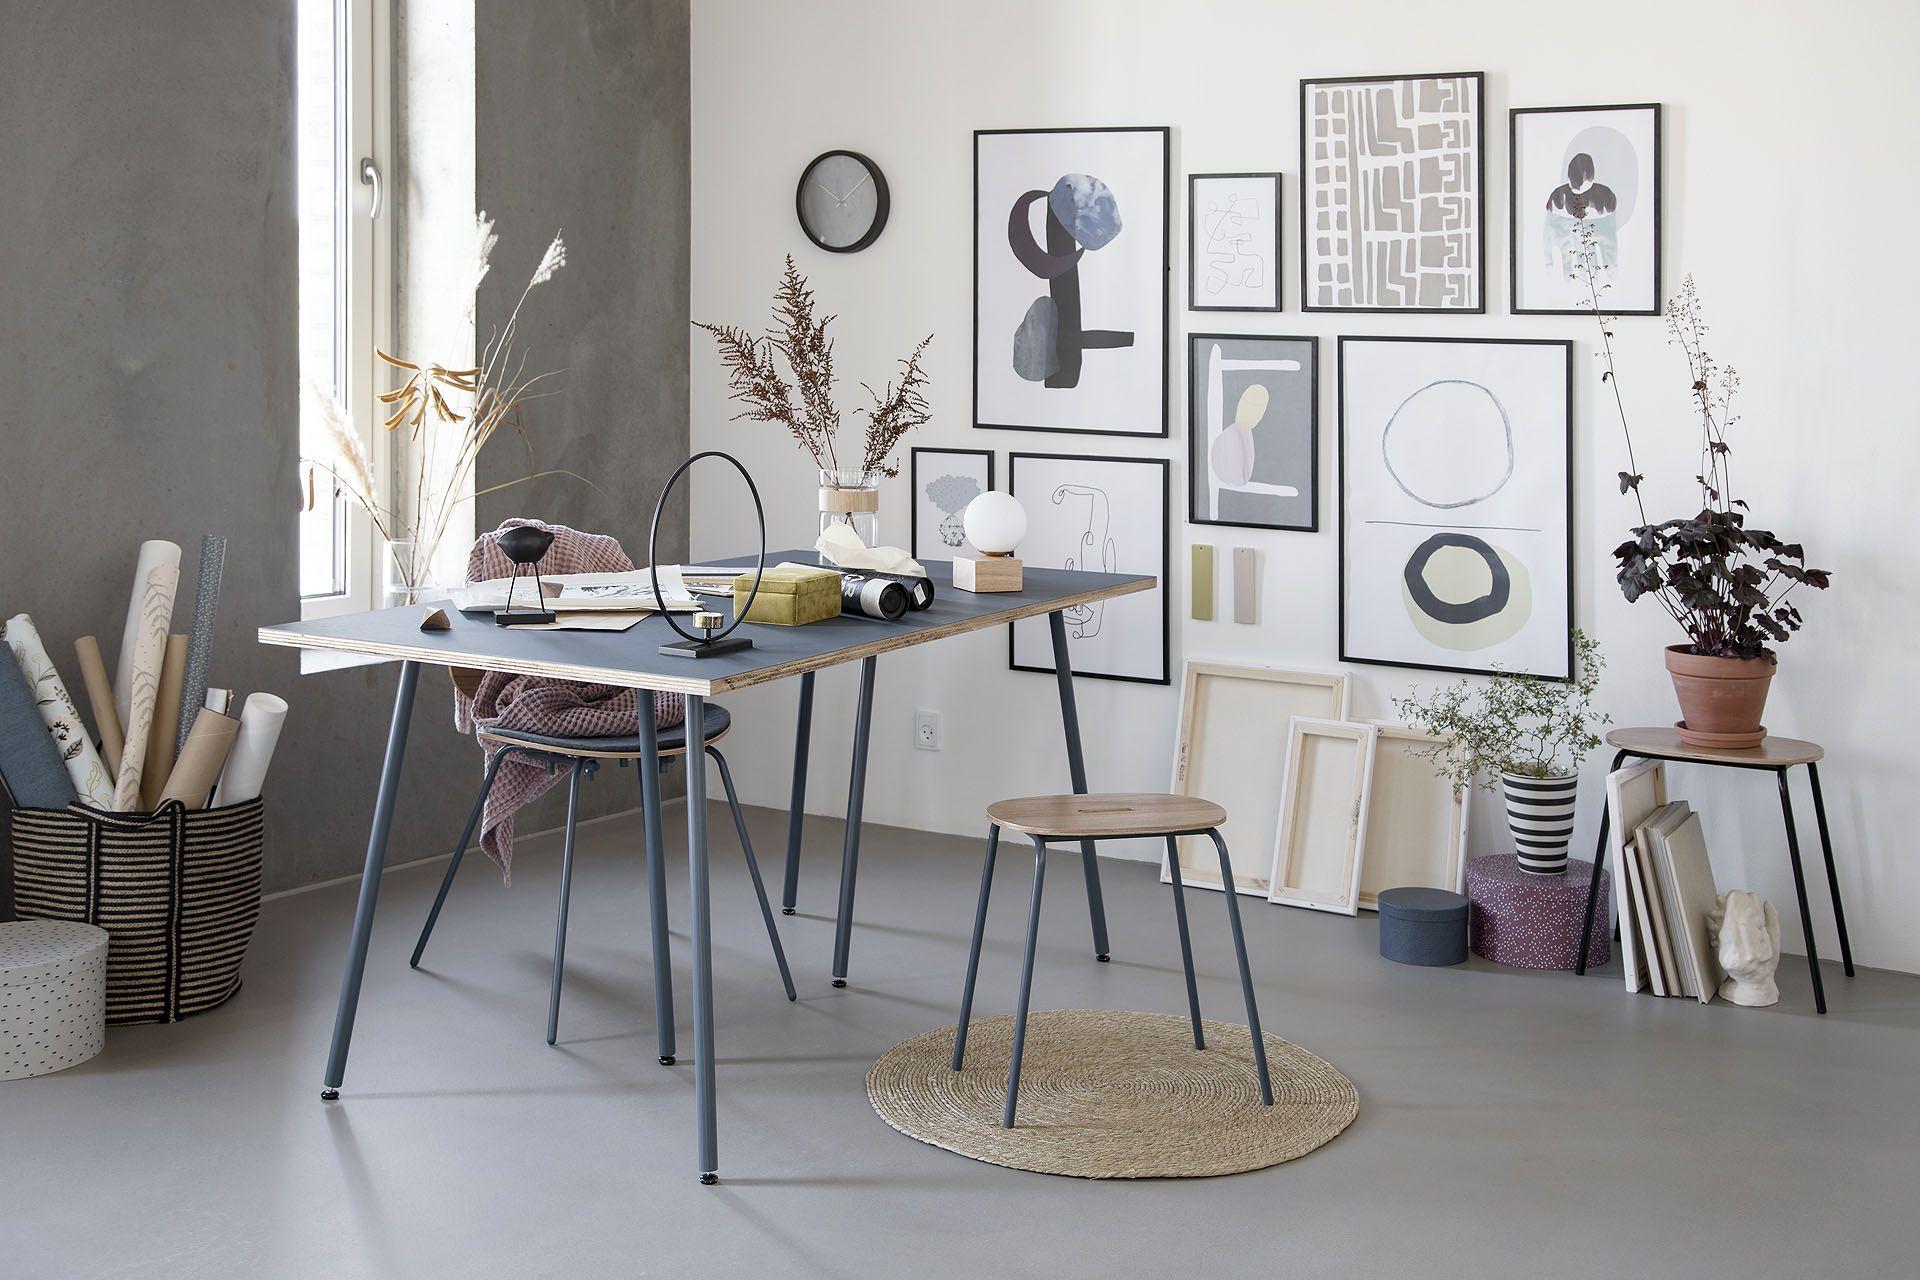 Nos Plus Belles Trouvailles Deco Scandinaves Chez Sostrene Grene Pour L Automne Cdeco Fr En 2020 Meuble Deco Mobilier De Salon Deco